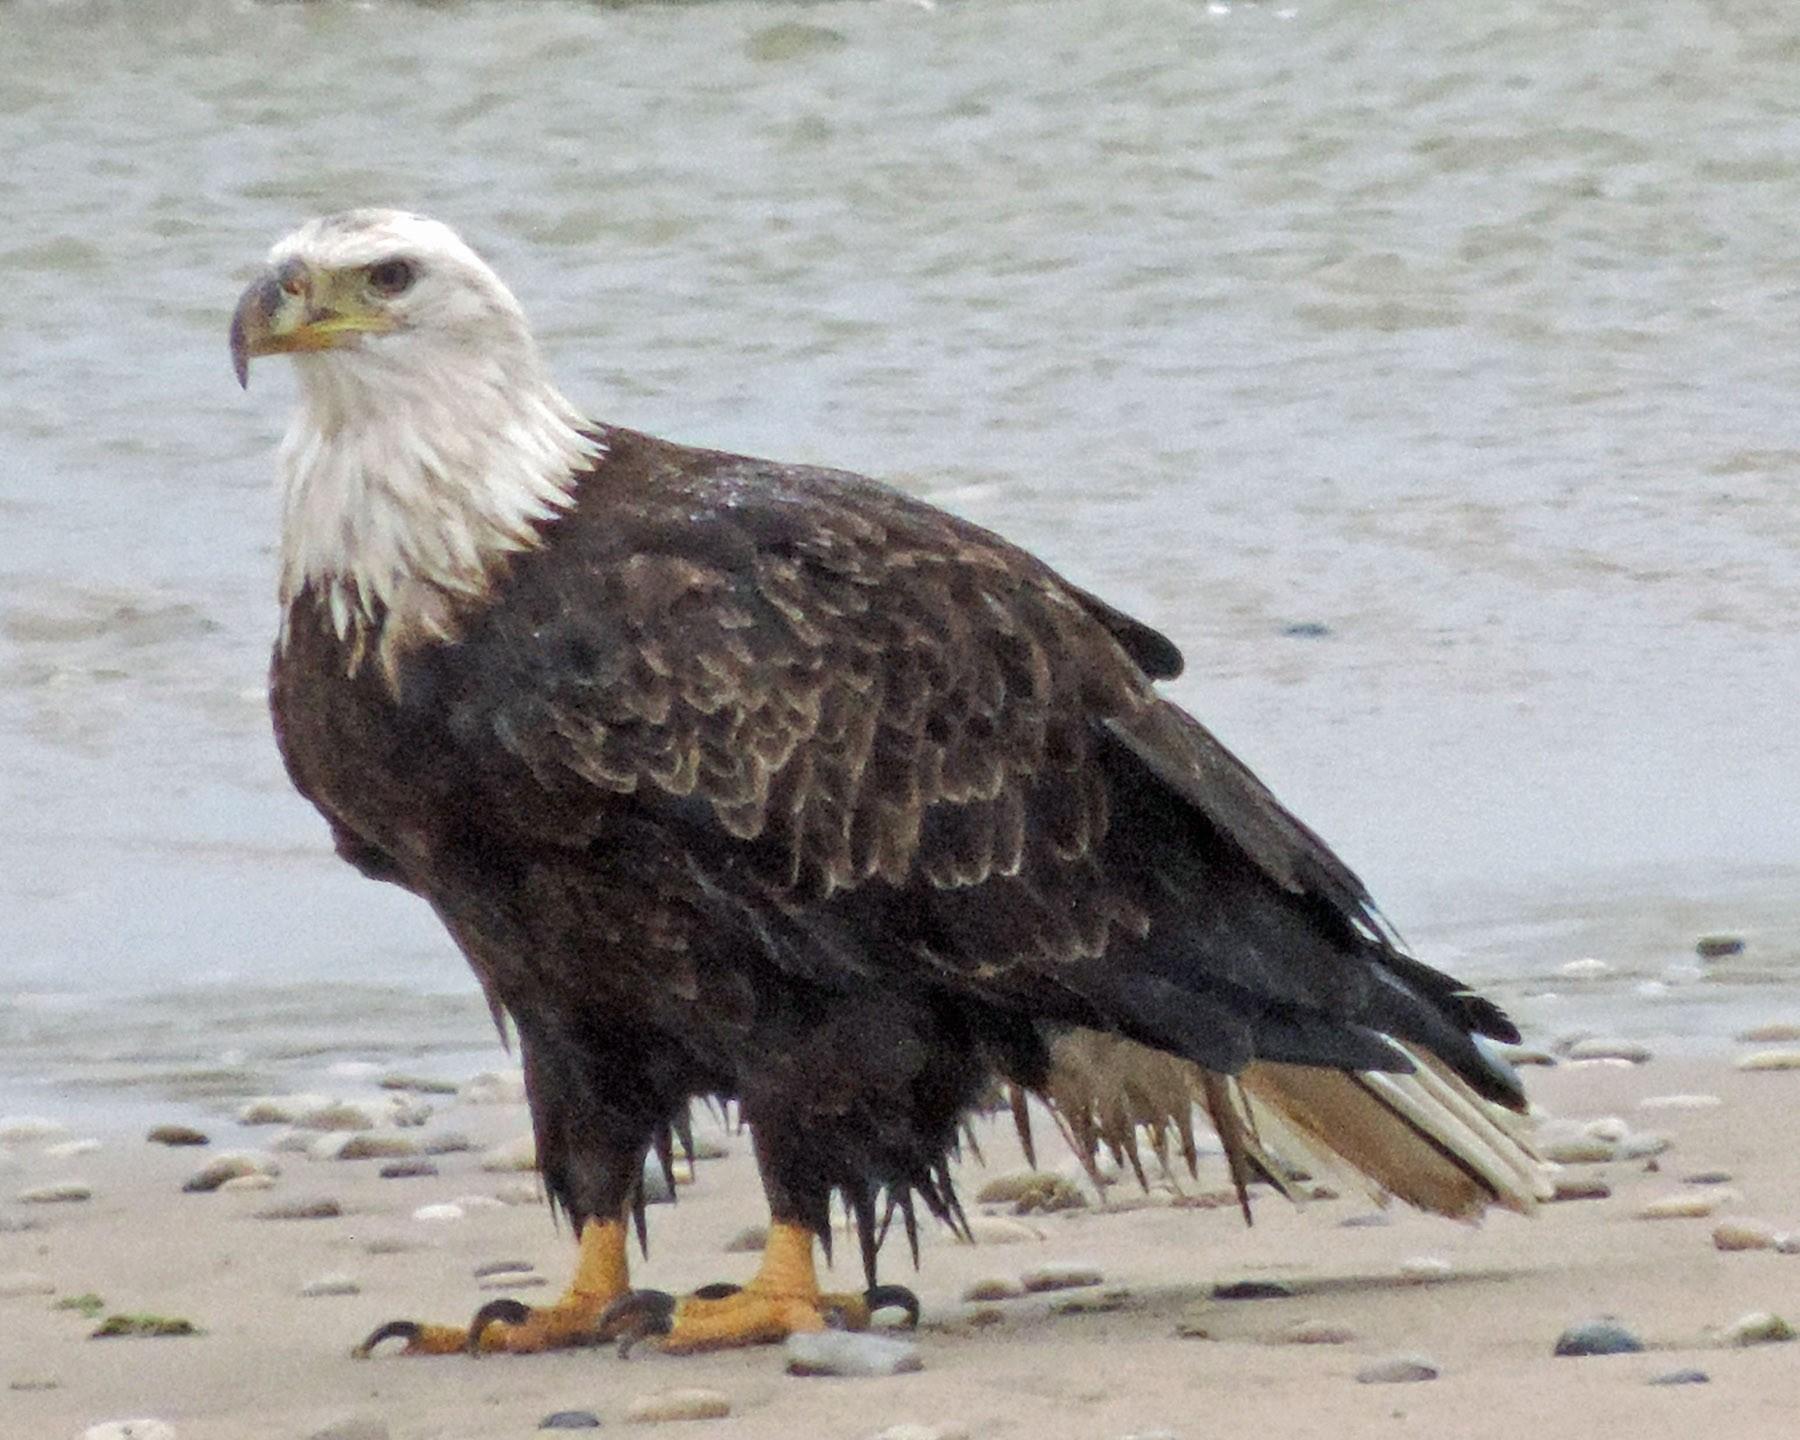 Bird City - Bob Kuhn (Bald Eagle on beach in rain).jpg